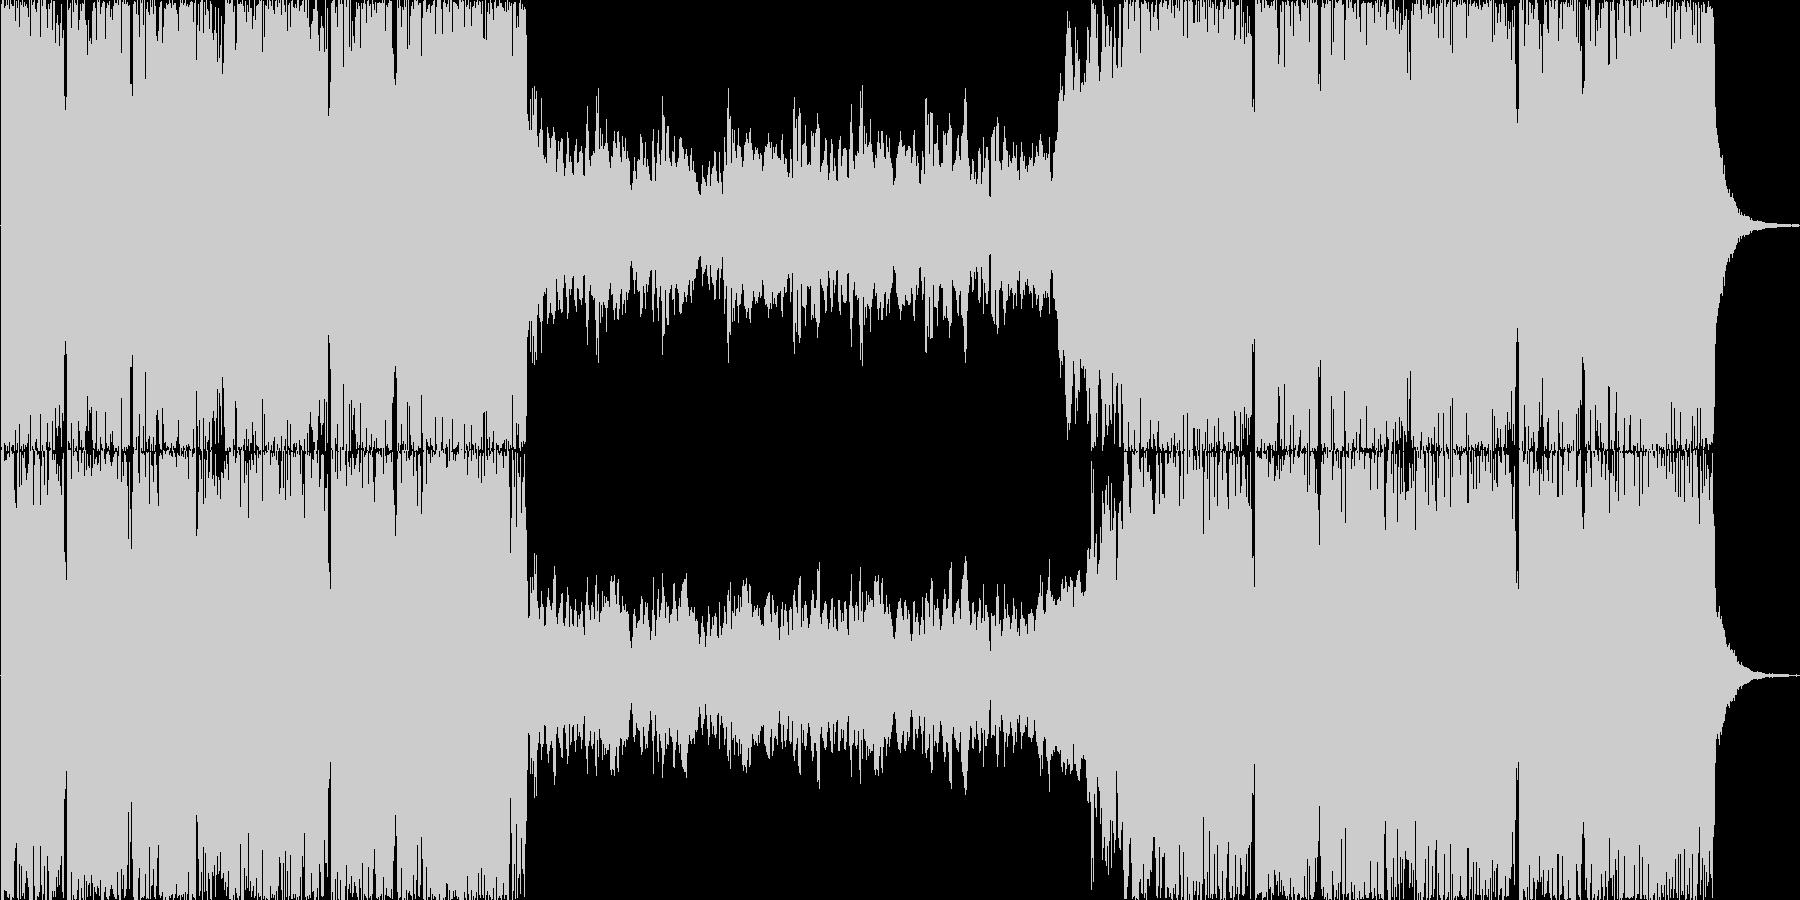 壮大なオーケストラ風の未再生の波形